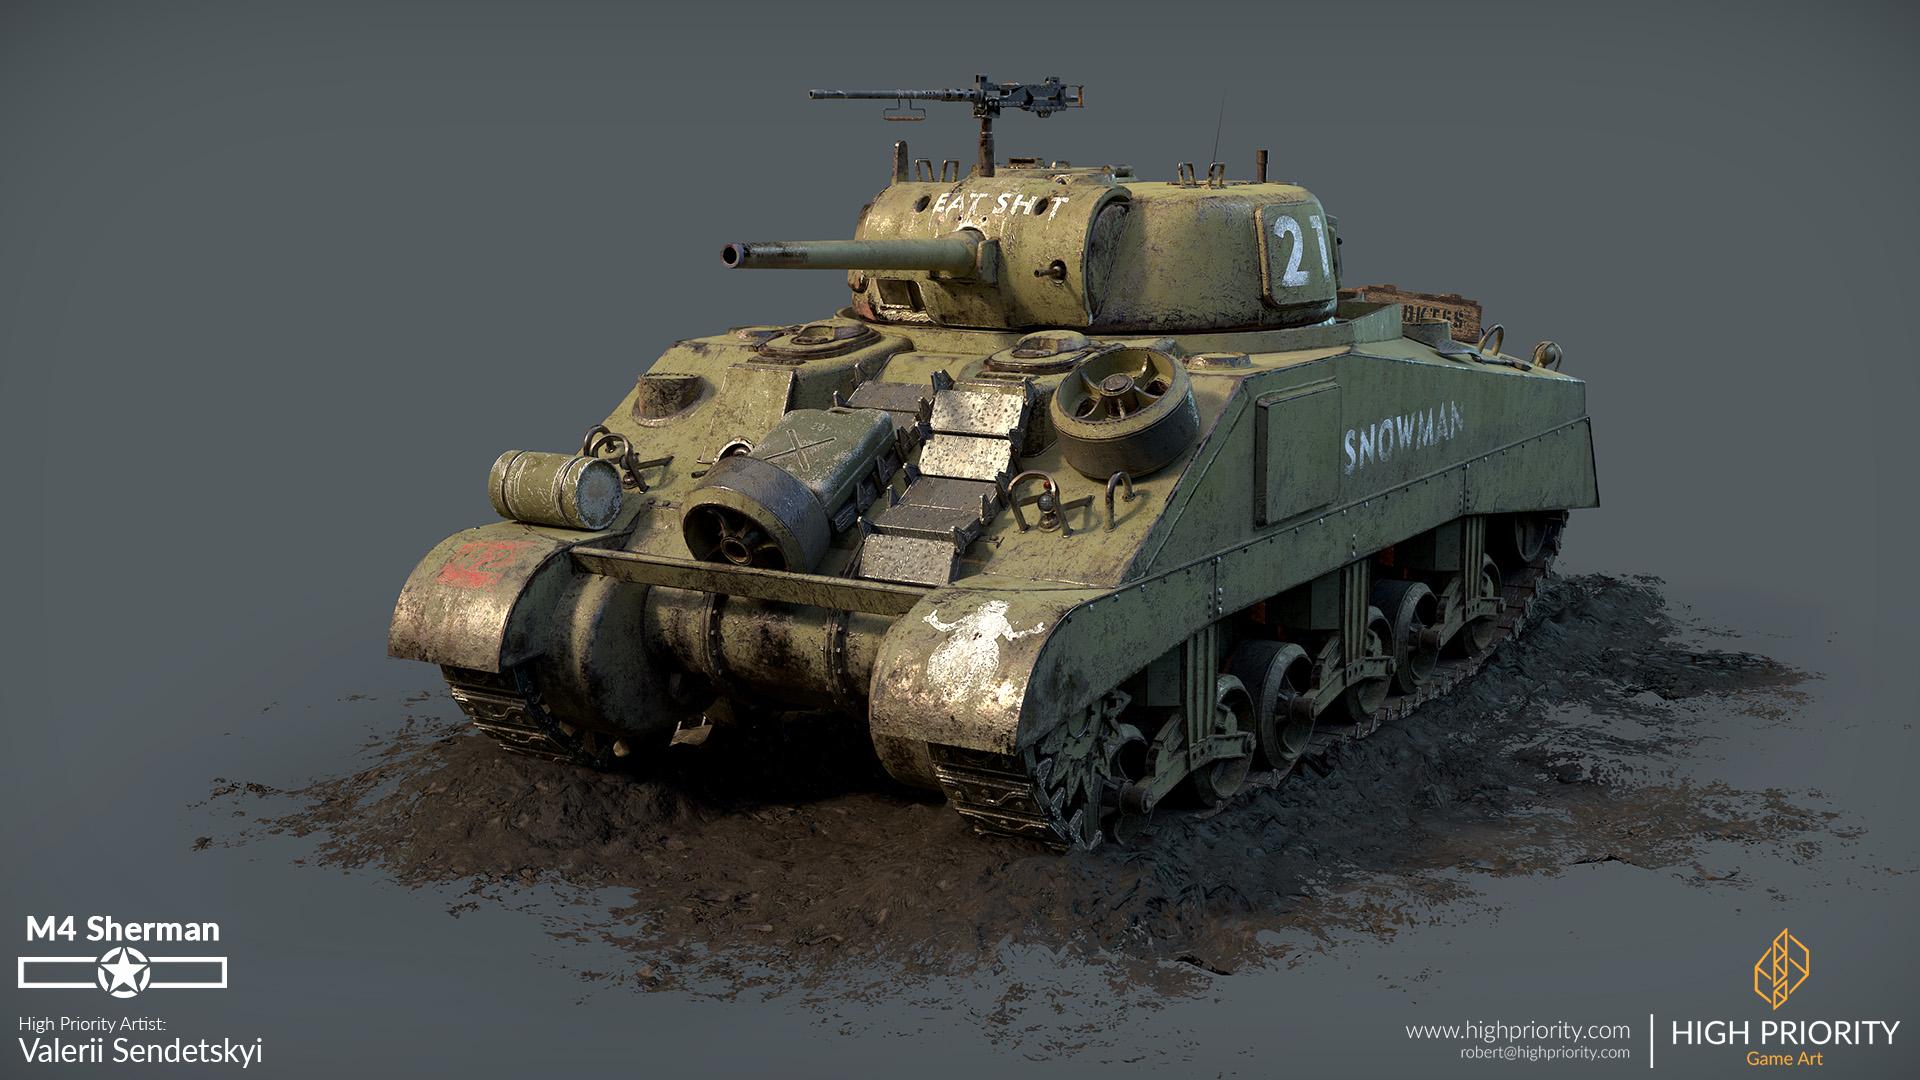 High Priority - Valerii - M4 Sherman - 03